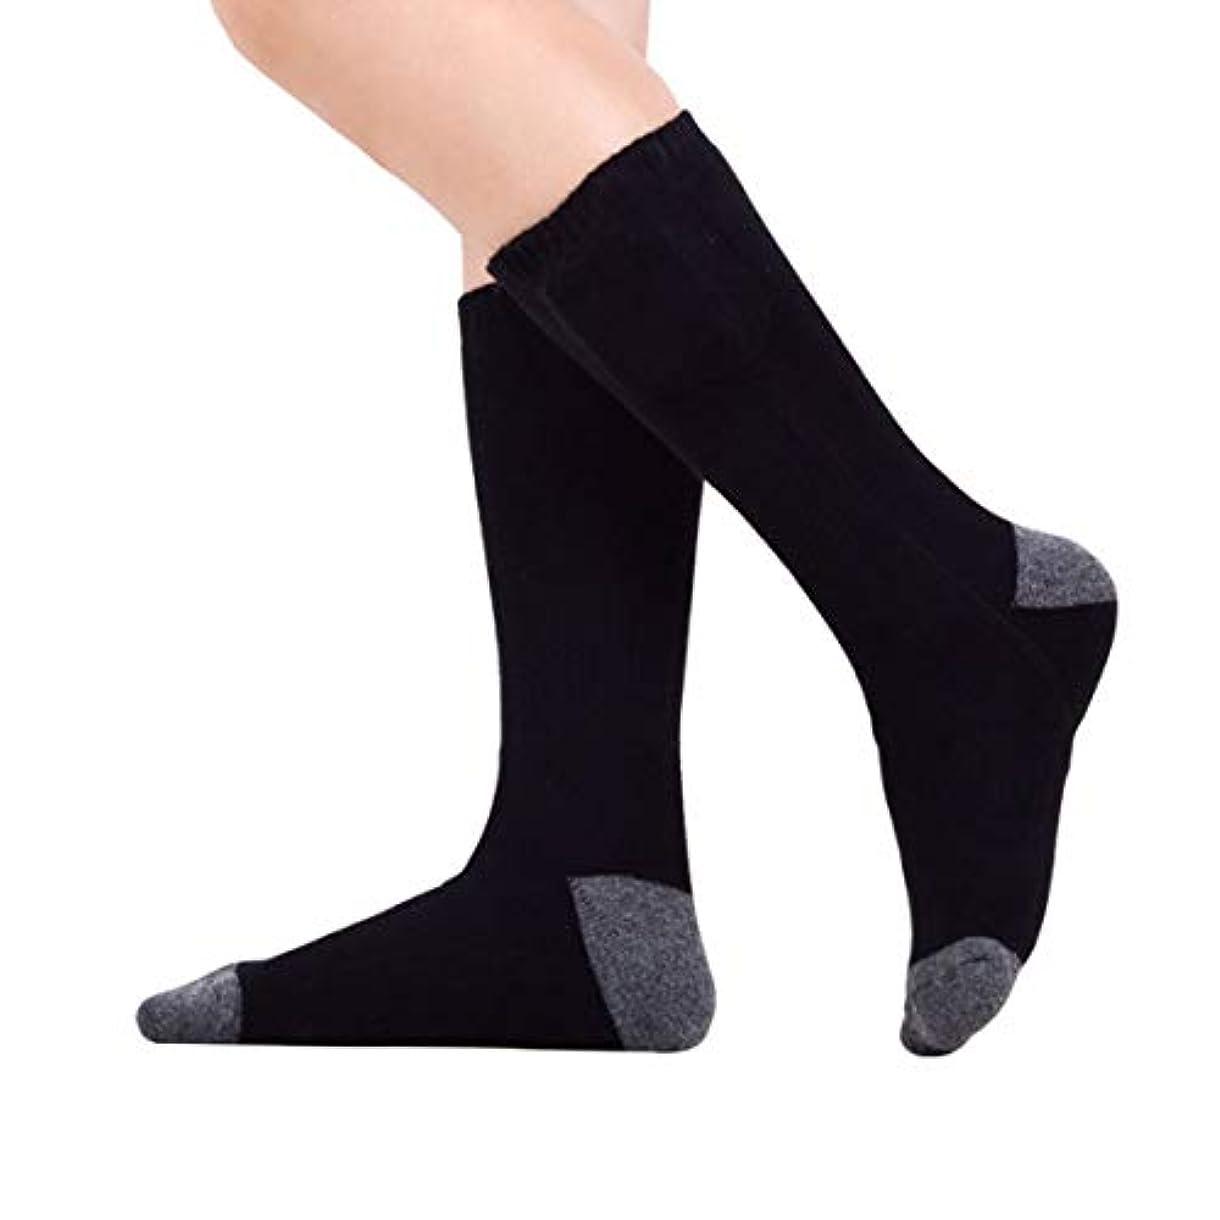 アノイ教育者田舎者温度調節可能なリチウム電池暖かい靴下を加熱する男性と女性を加熱する暖かい靴下を充電する暖かいホットソックス-ブラック